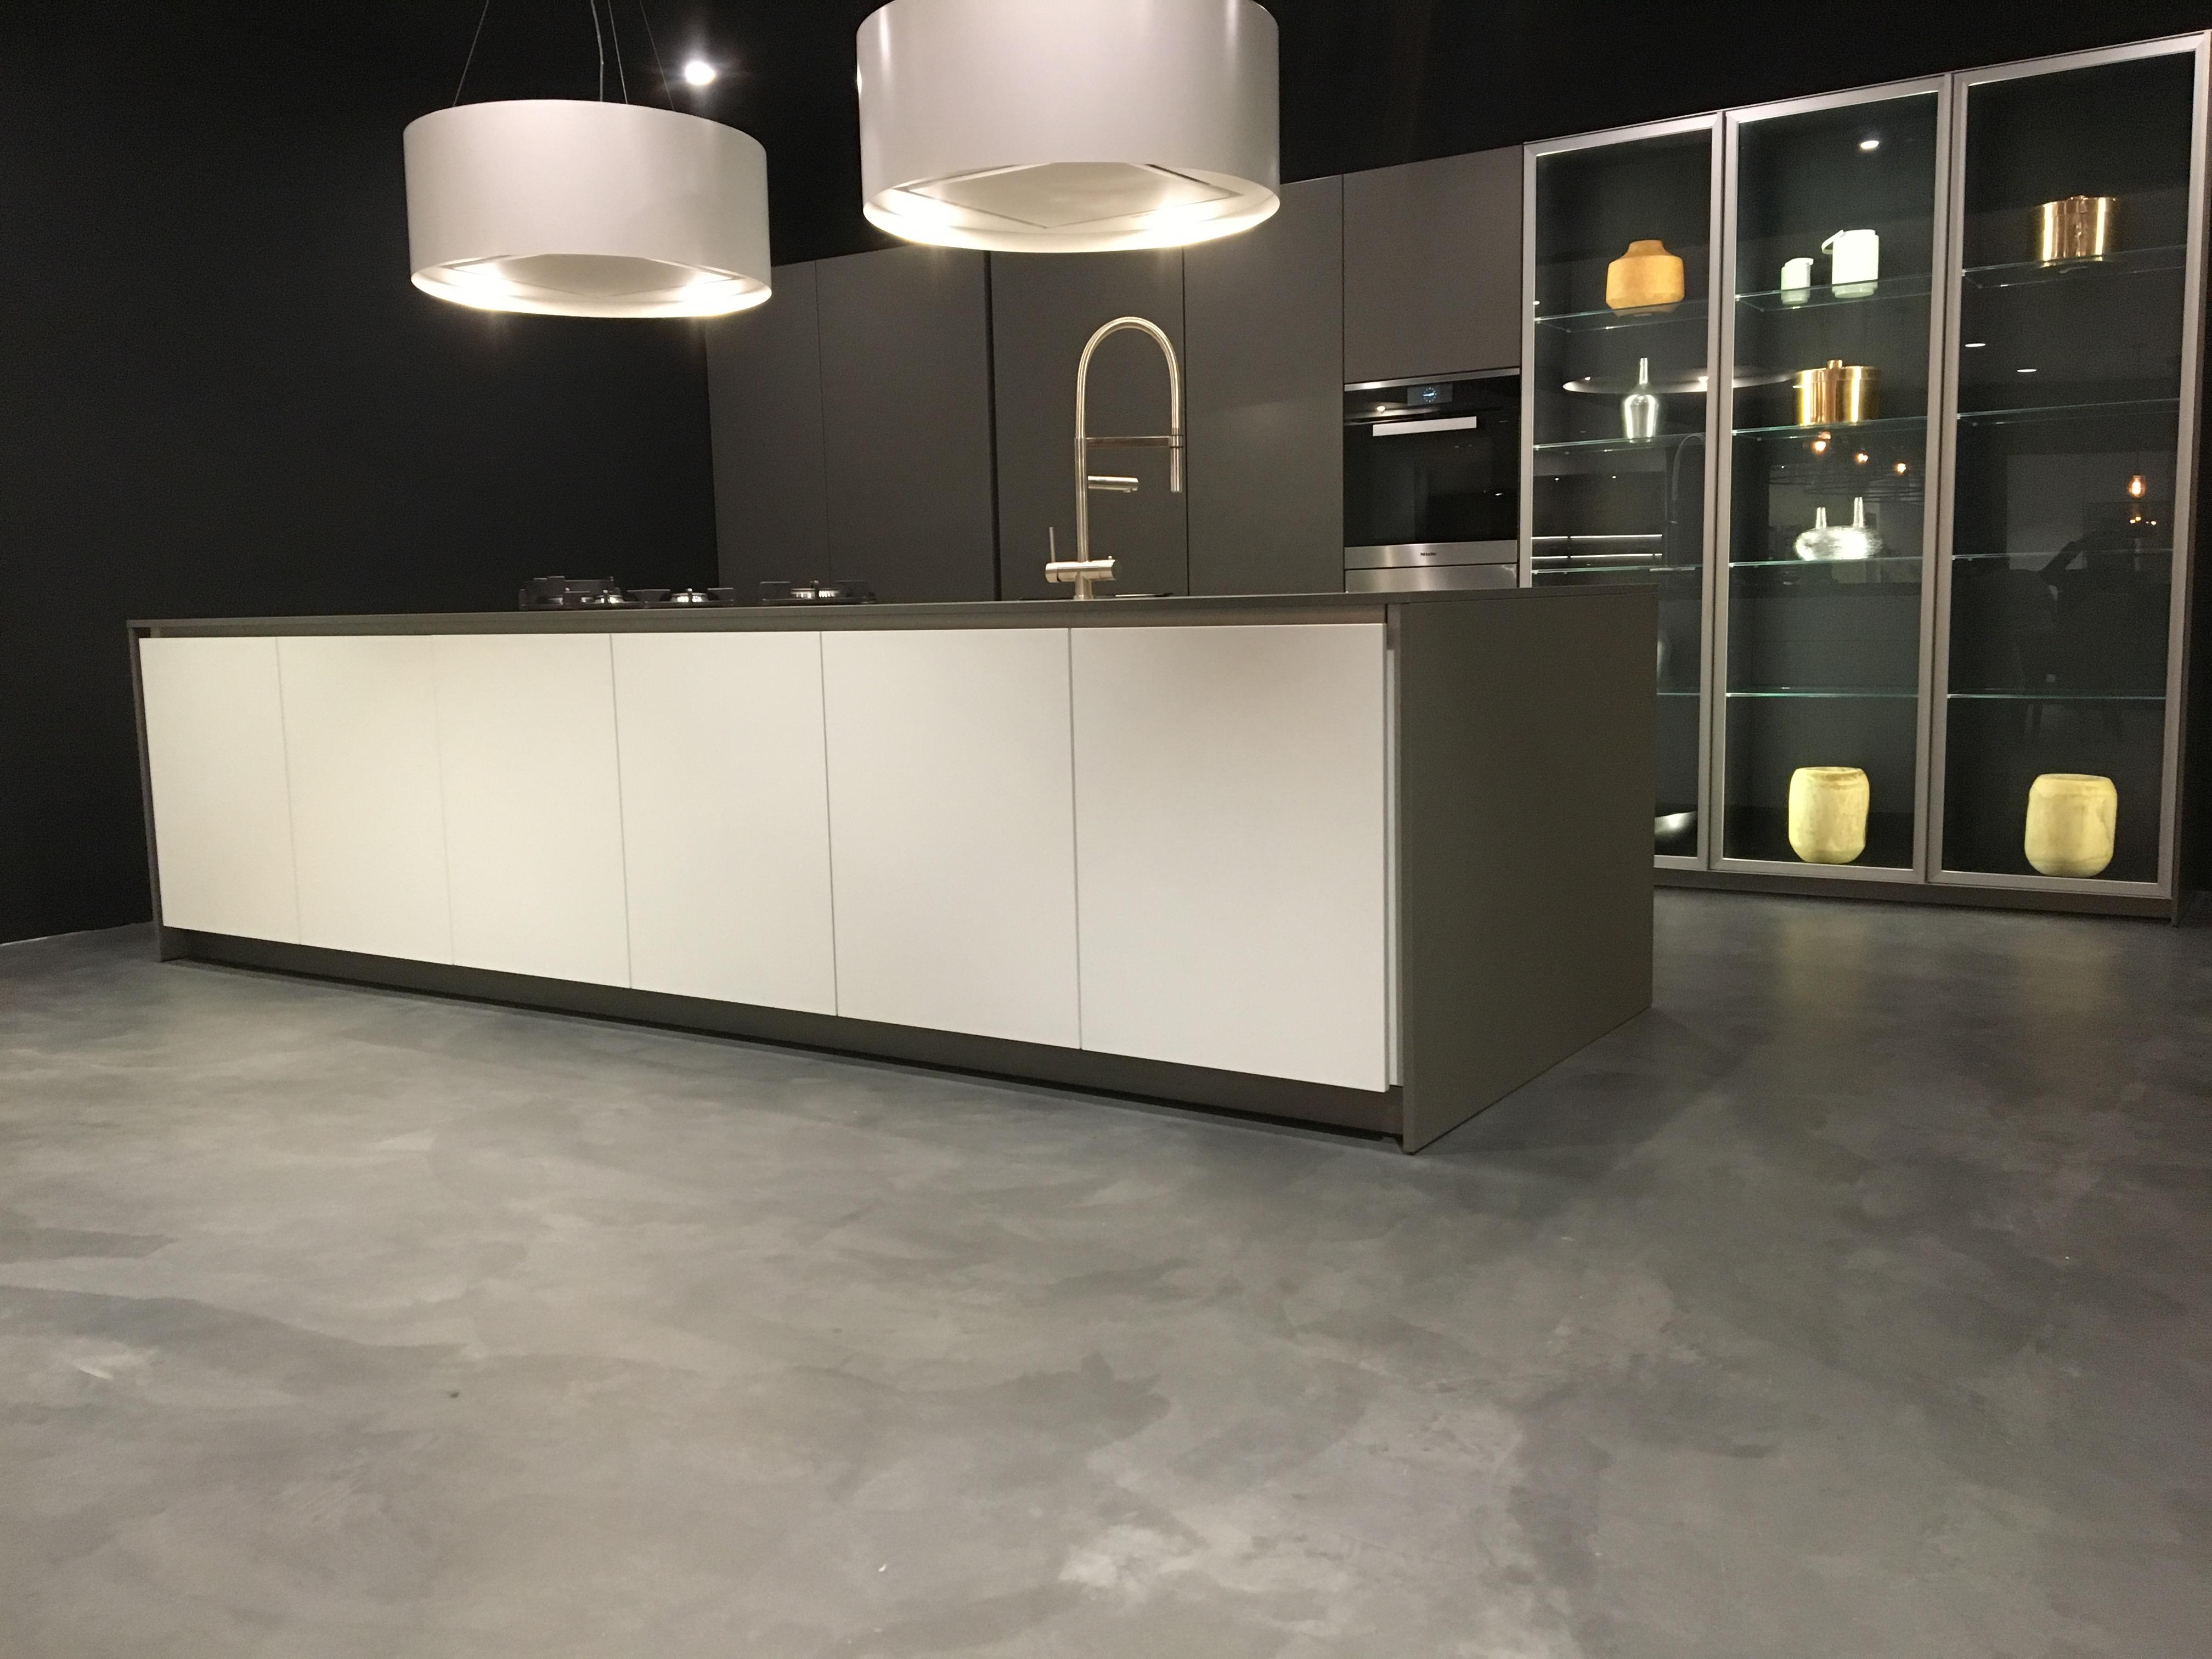 Microcement vloer keukenzaak Assen